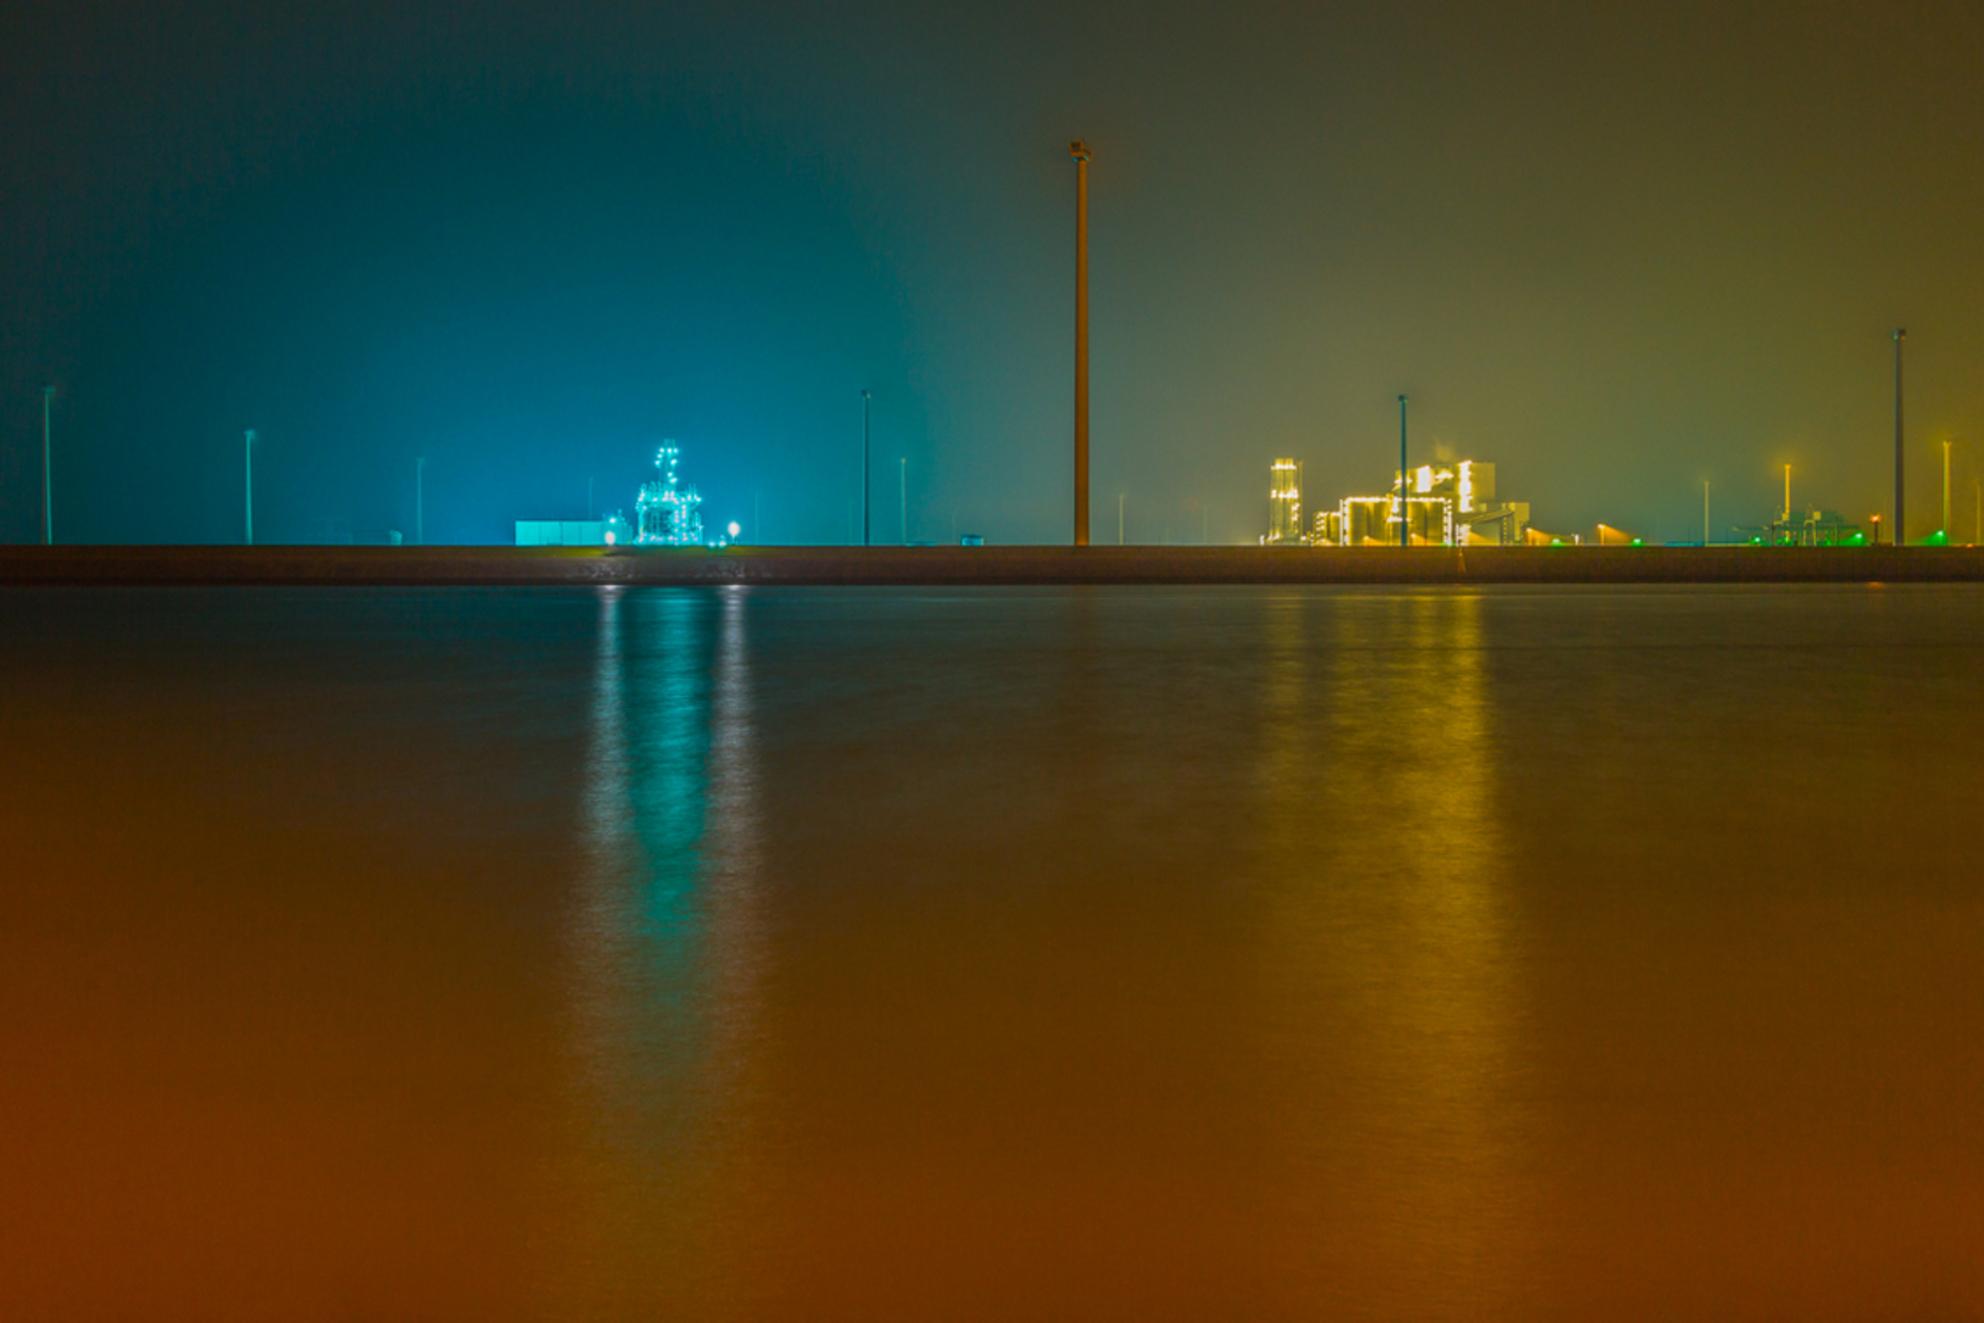 Beams - Beams  Geïnspireerd door foto's die ik vandaag voorbij zag komen, ben ik vanavond naar de Eemshaven geweest om wat nachtfotografie te doen.  Long - foto door ilahpor op 01-03-2014 - deze foto bevat: blauw, water, geel, oranje, nachtfotografie, aqua, eemshaven, istvan, Long-exposure, Lahpor - Deze foto mag gebruikt worden in een Zoom.nl publicatie